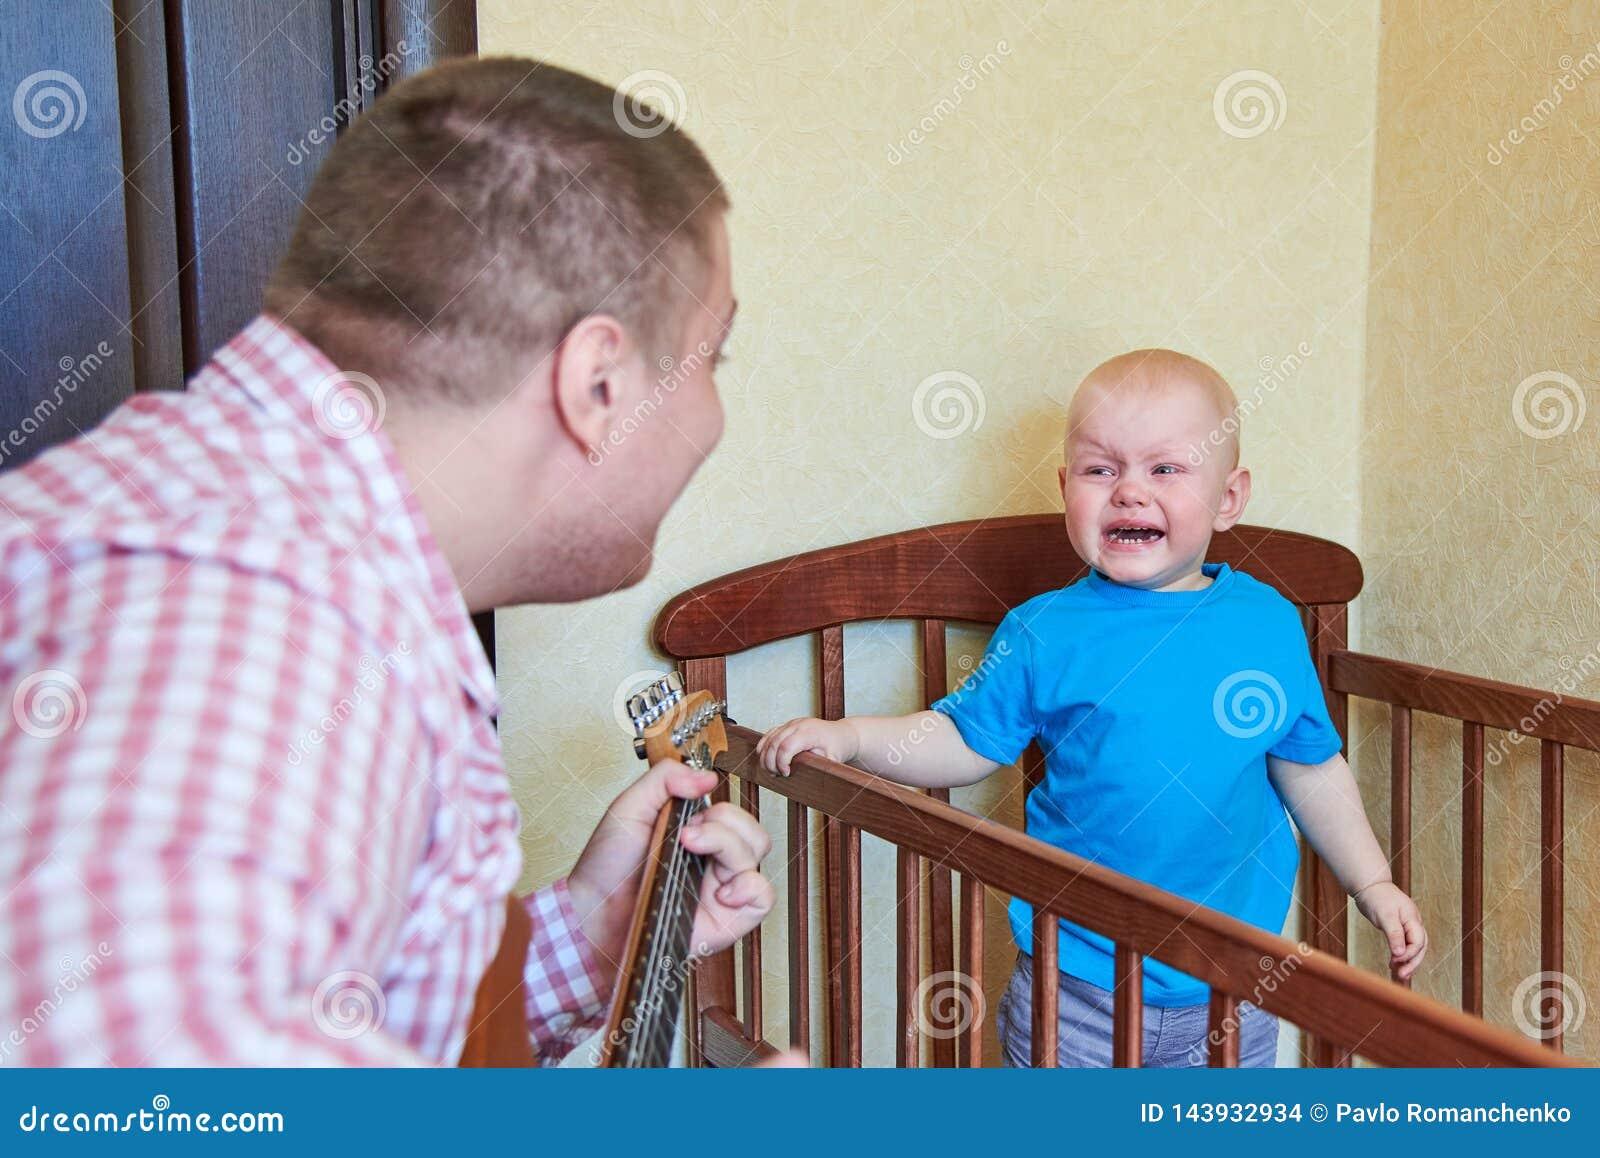 爸爸弹吉他慰问他哭泣的儿子